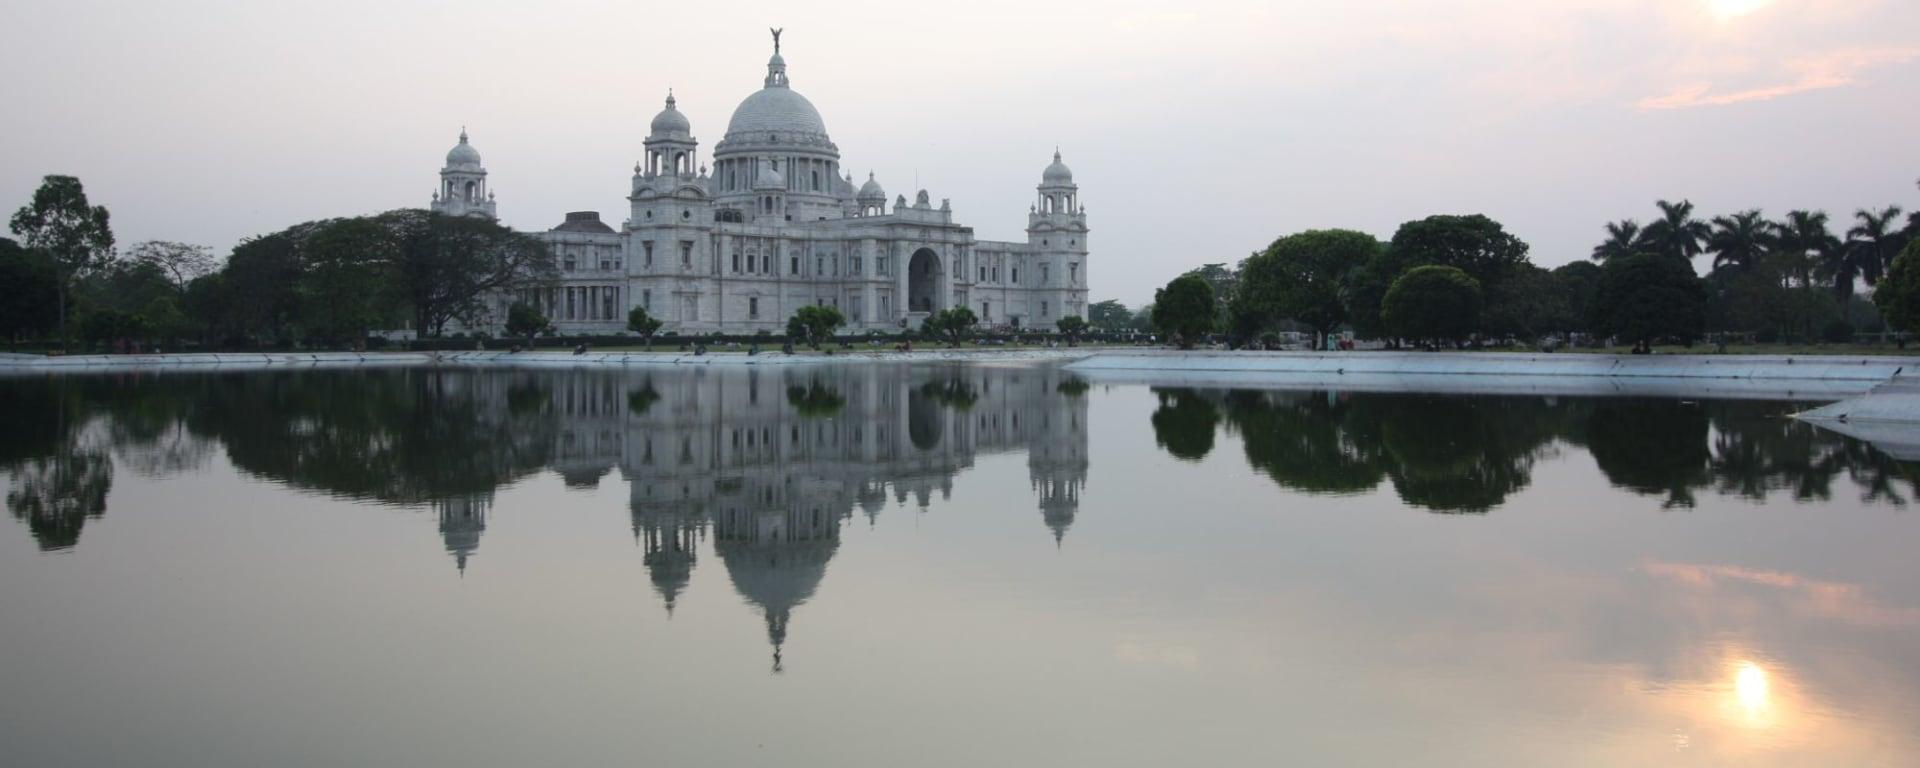 Stadttour Kolkata: Kolkata Victoria Monument reca